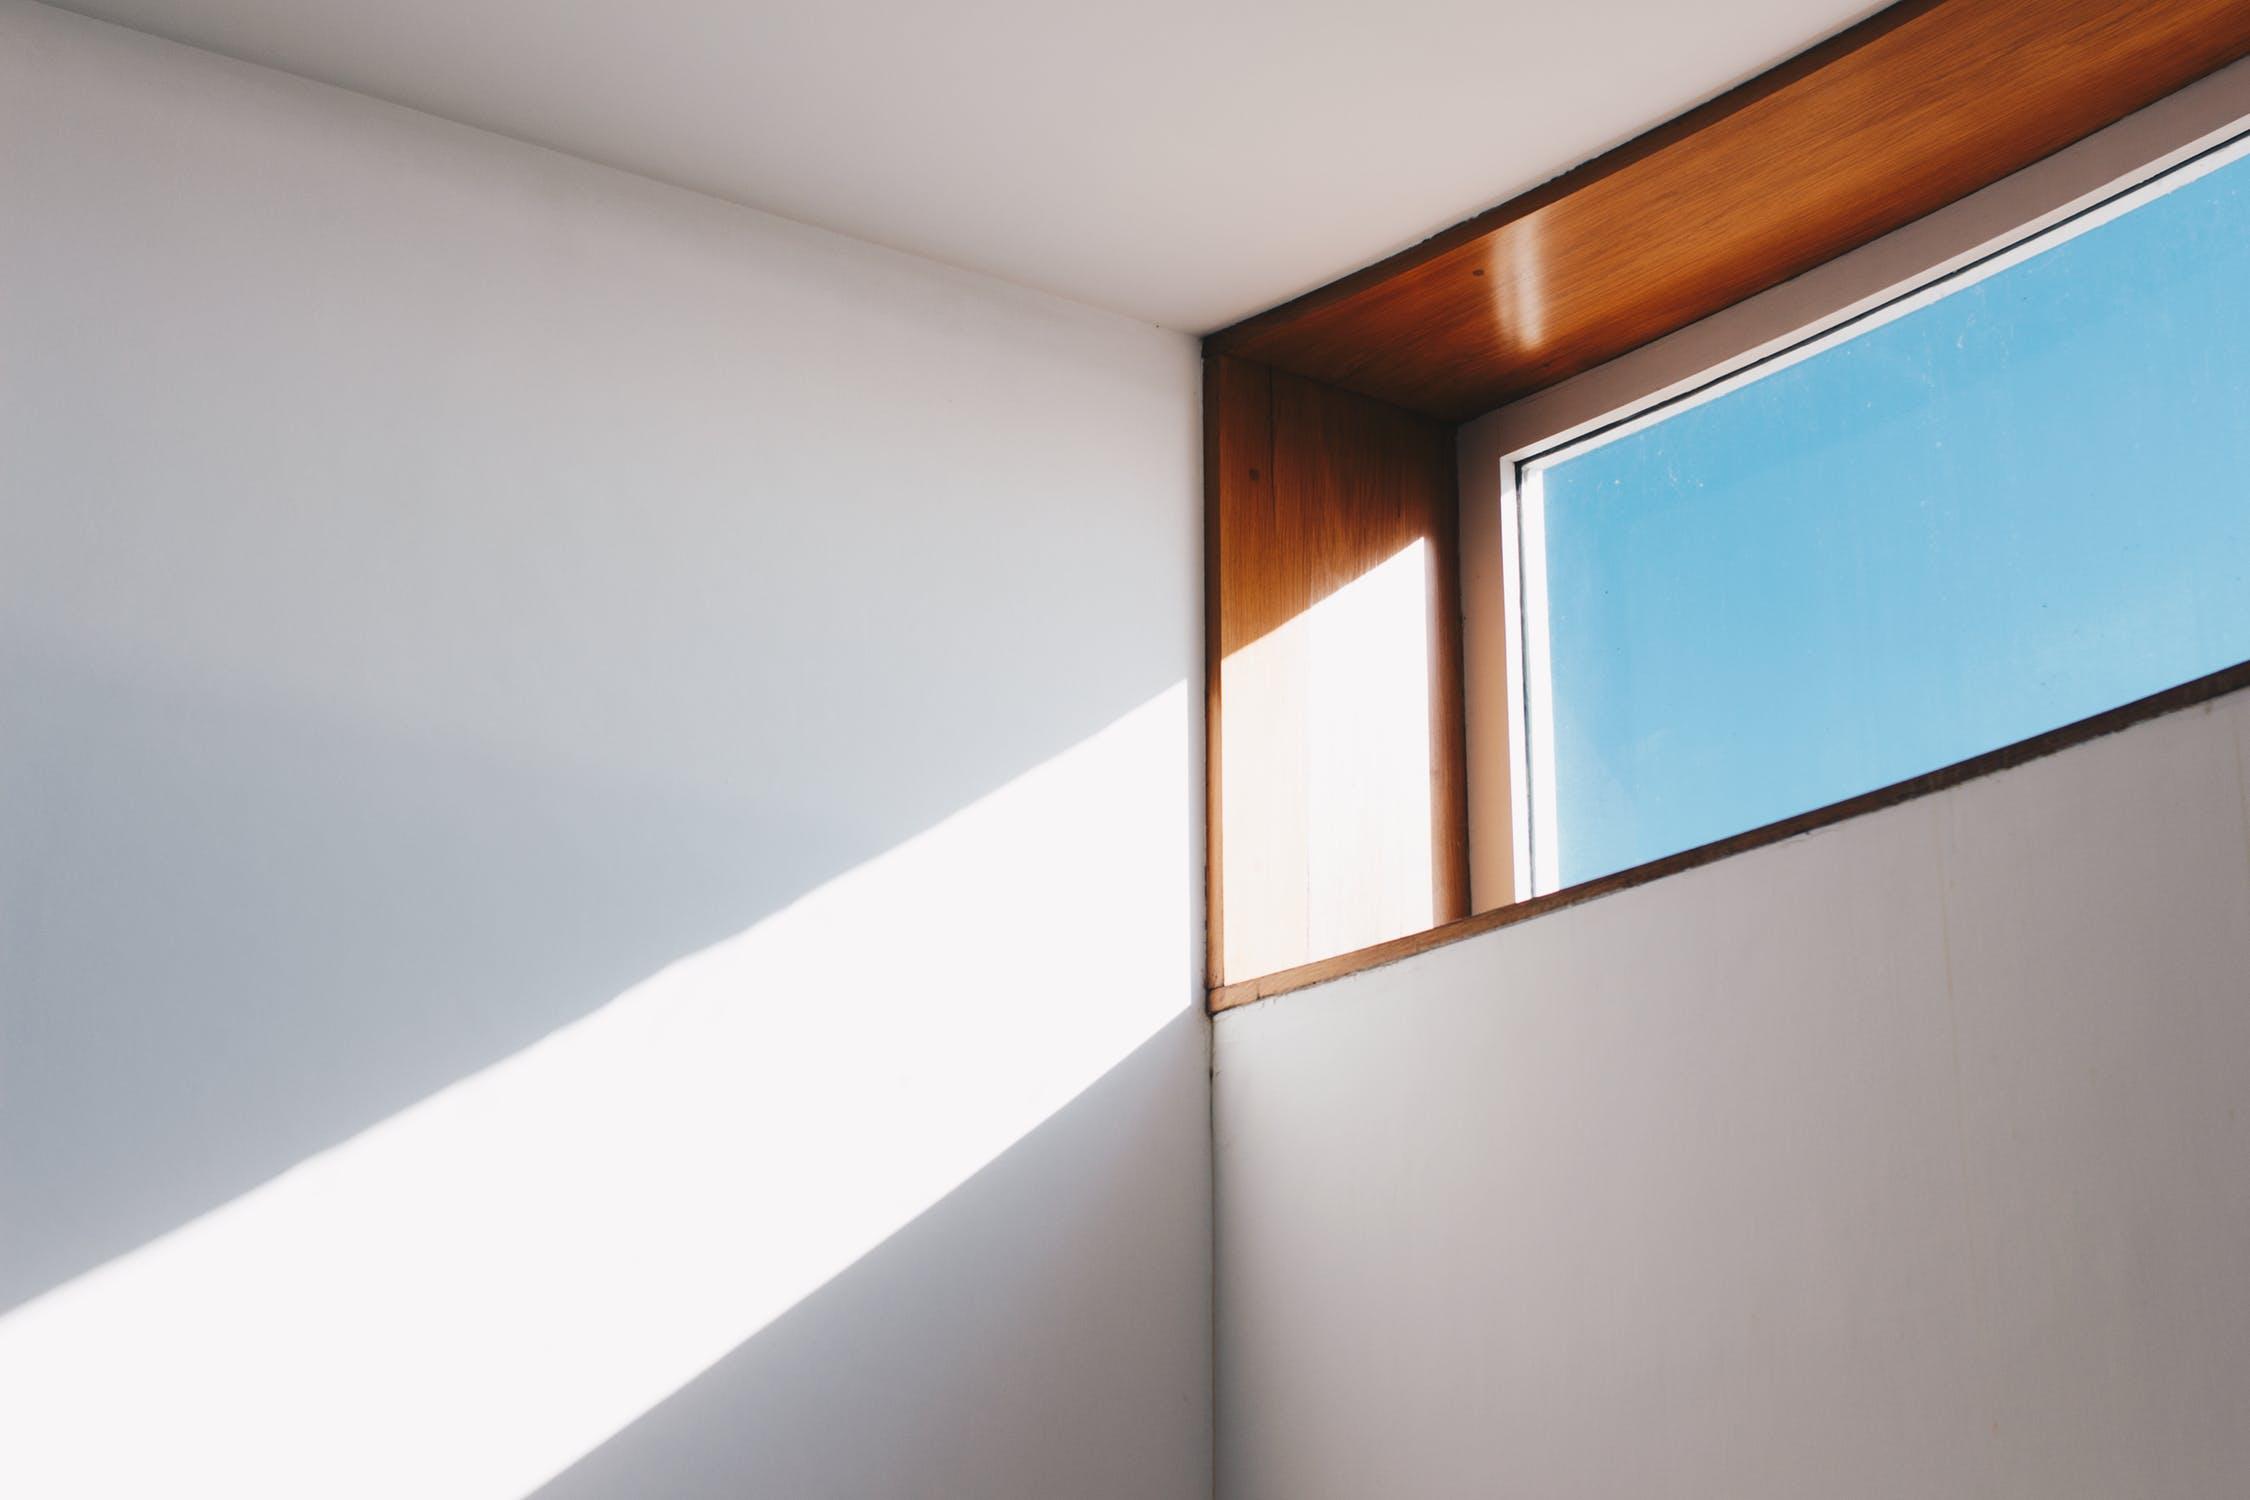 Direkte Sonneneinstrahlung bei großer Hitze kann zu Fehlalarmen von Rauchmeldern führen.